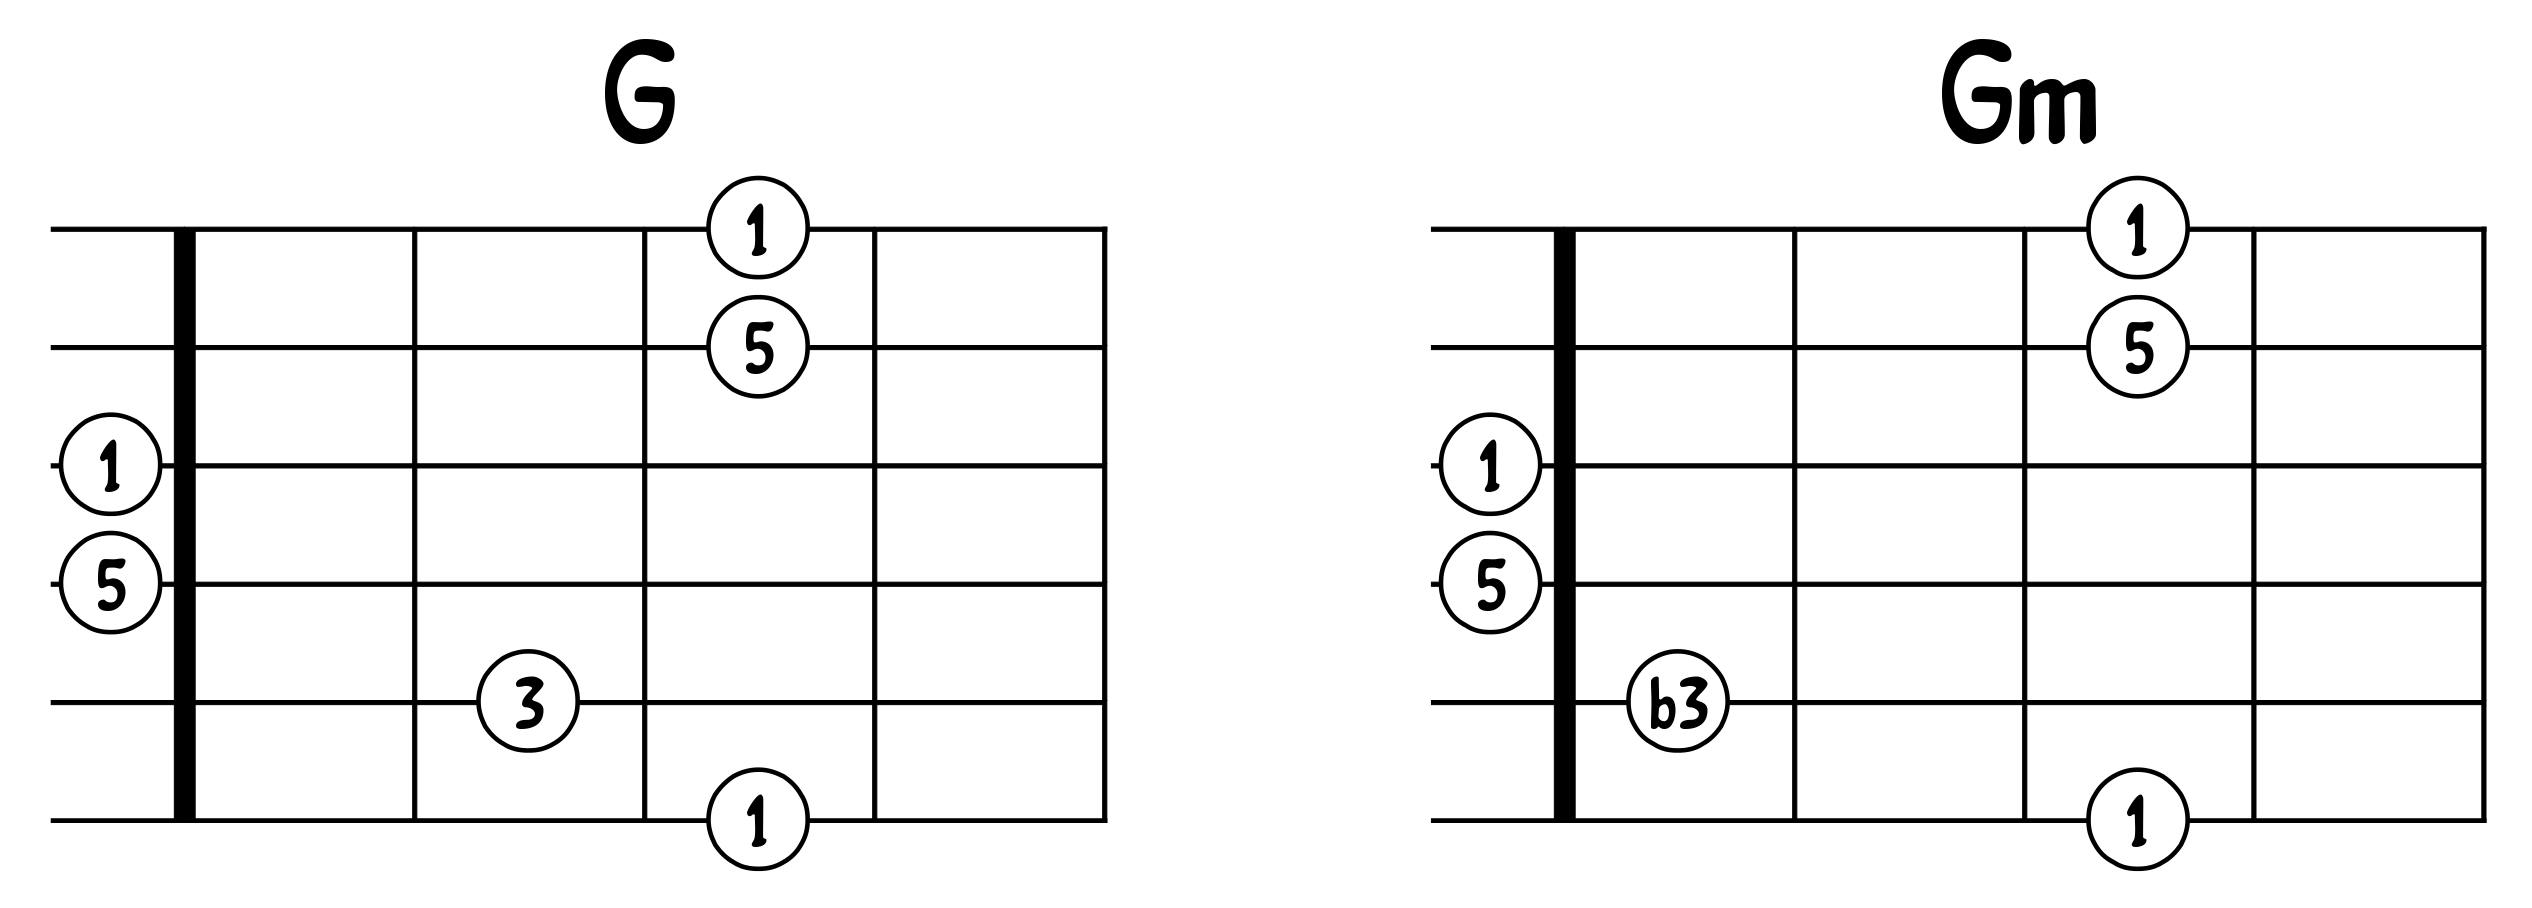 Comparaison G et Gm 2